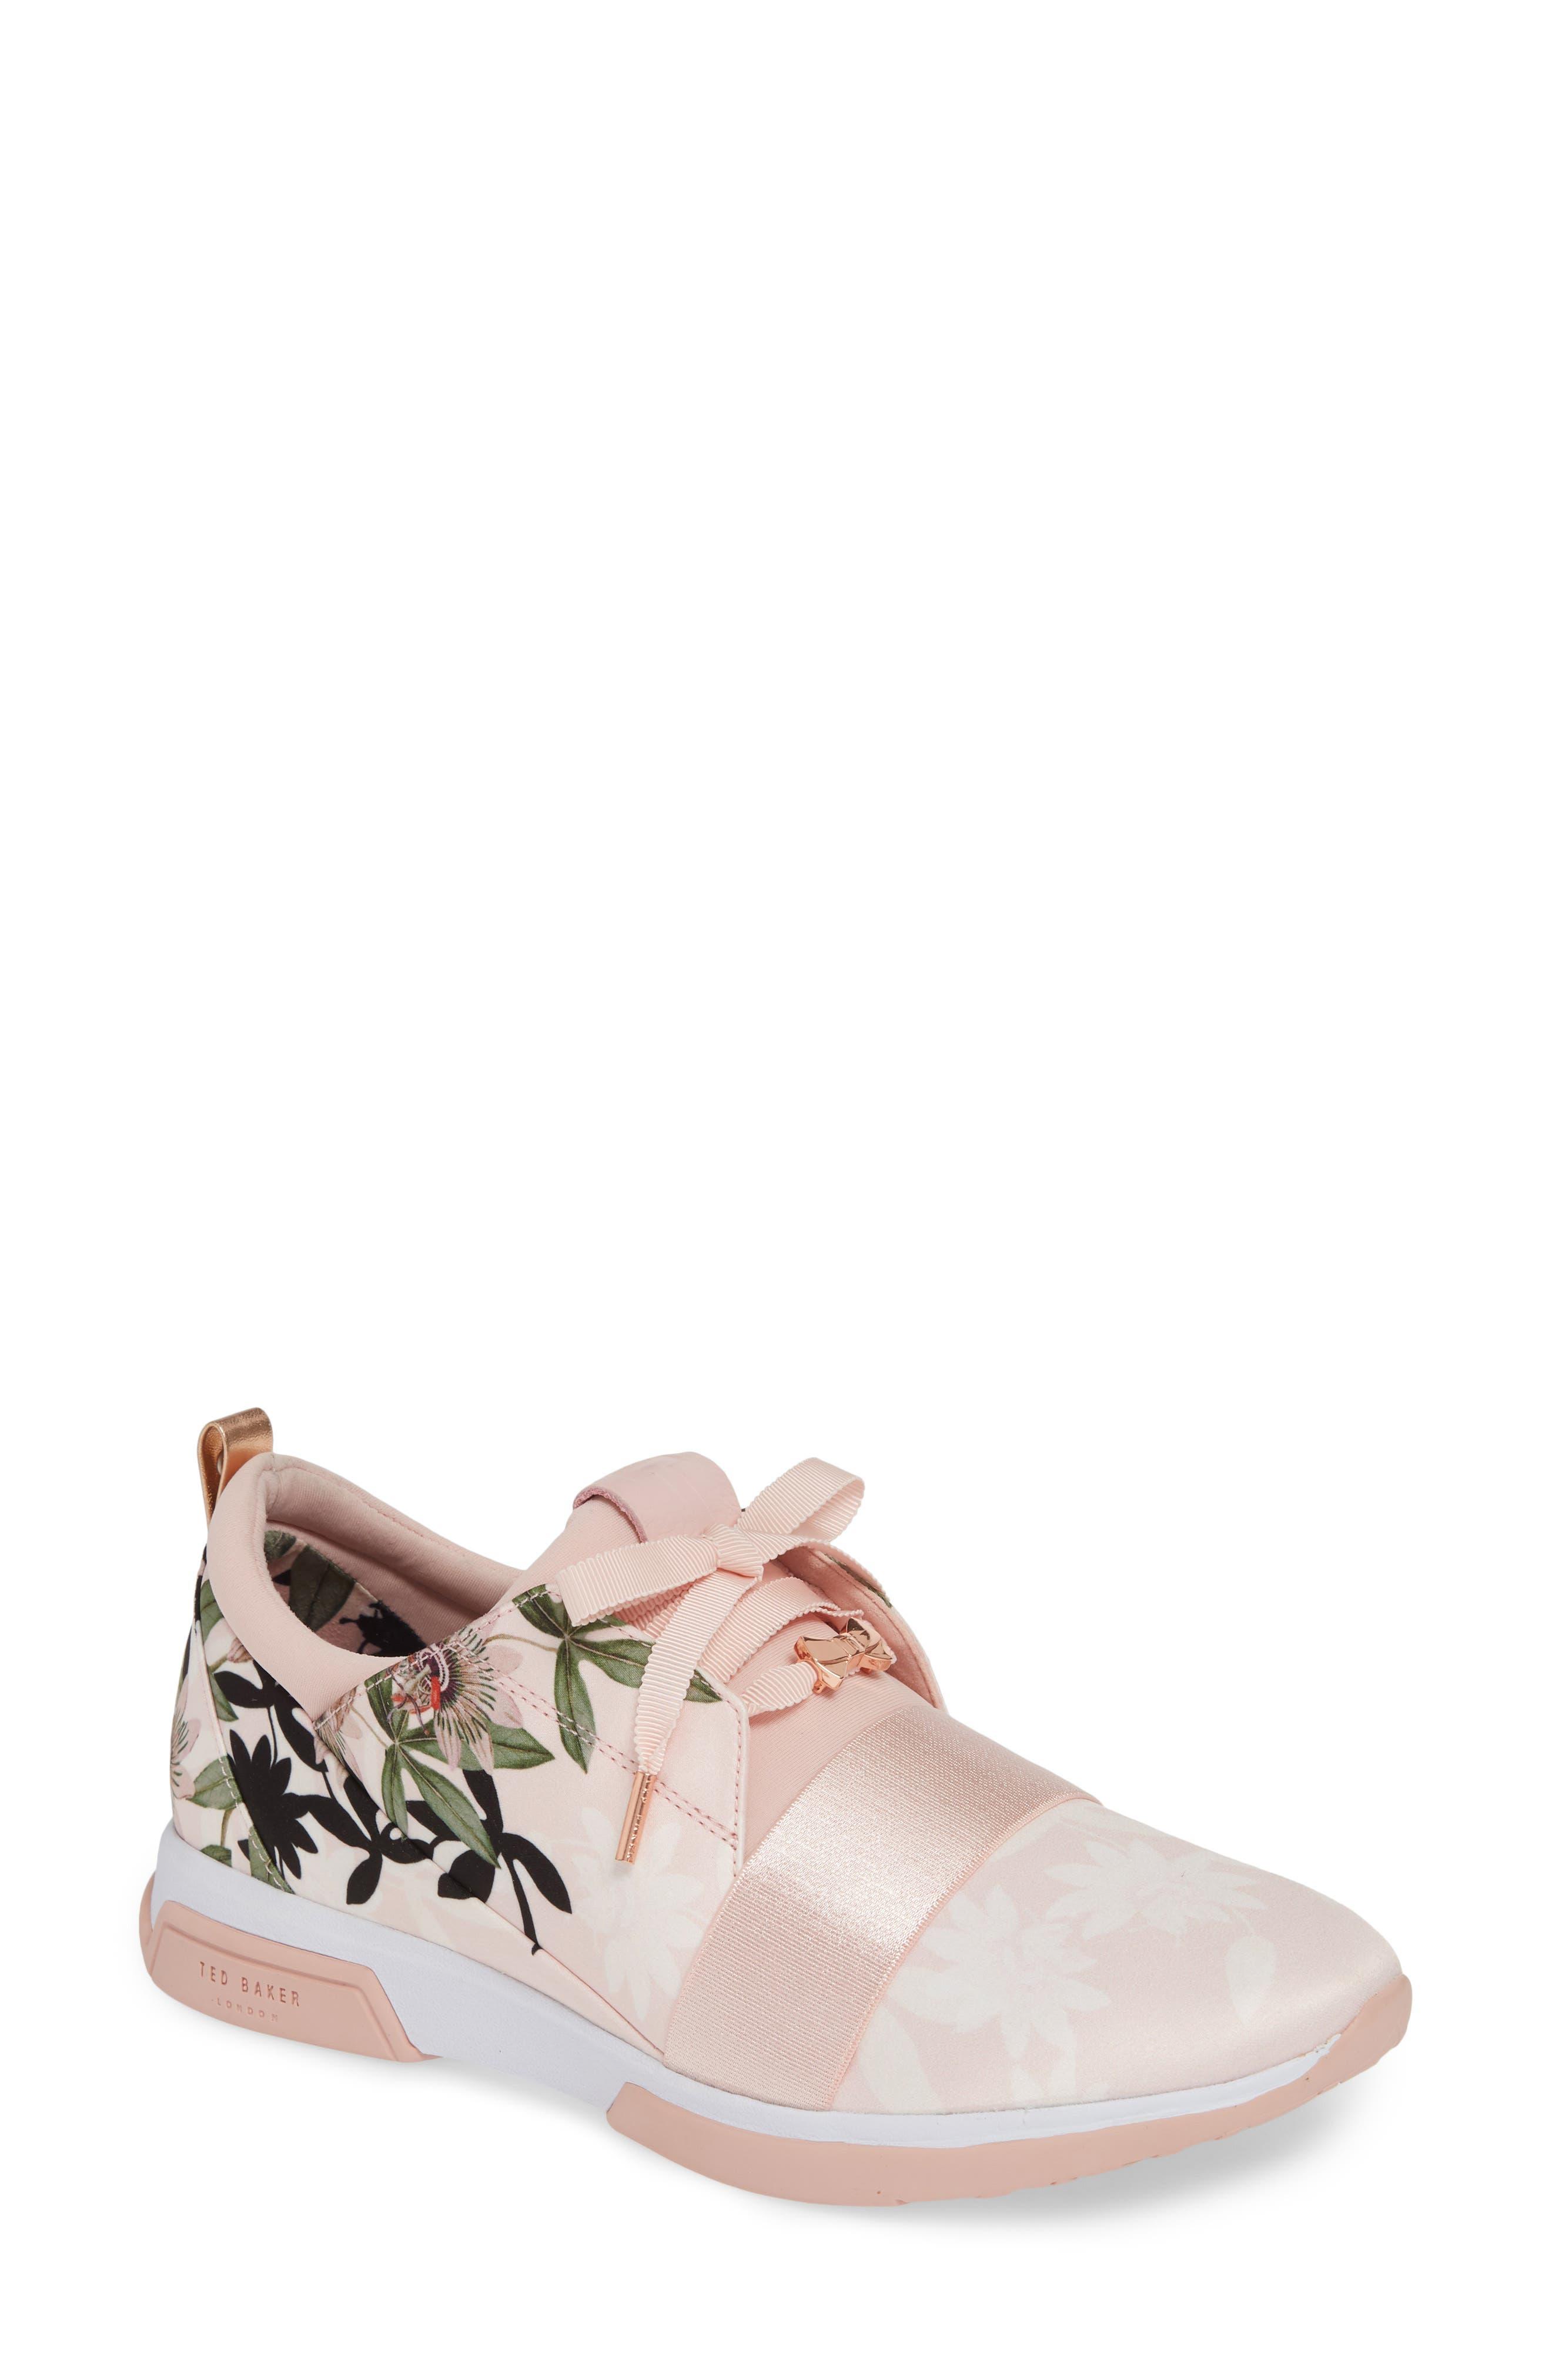 Ted Baker London Cepap Sneaker, Pink